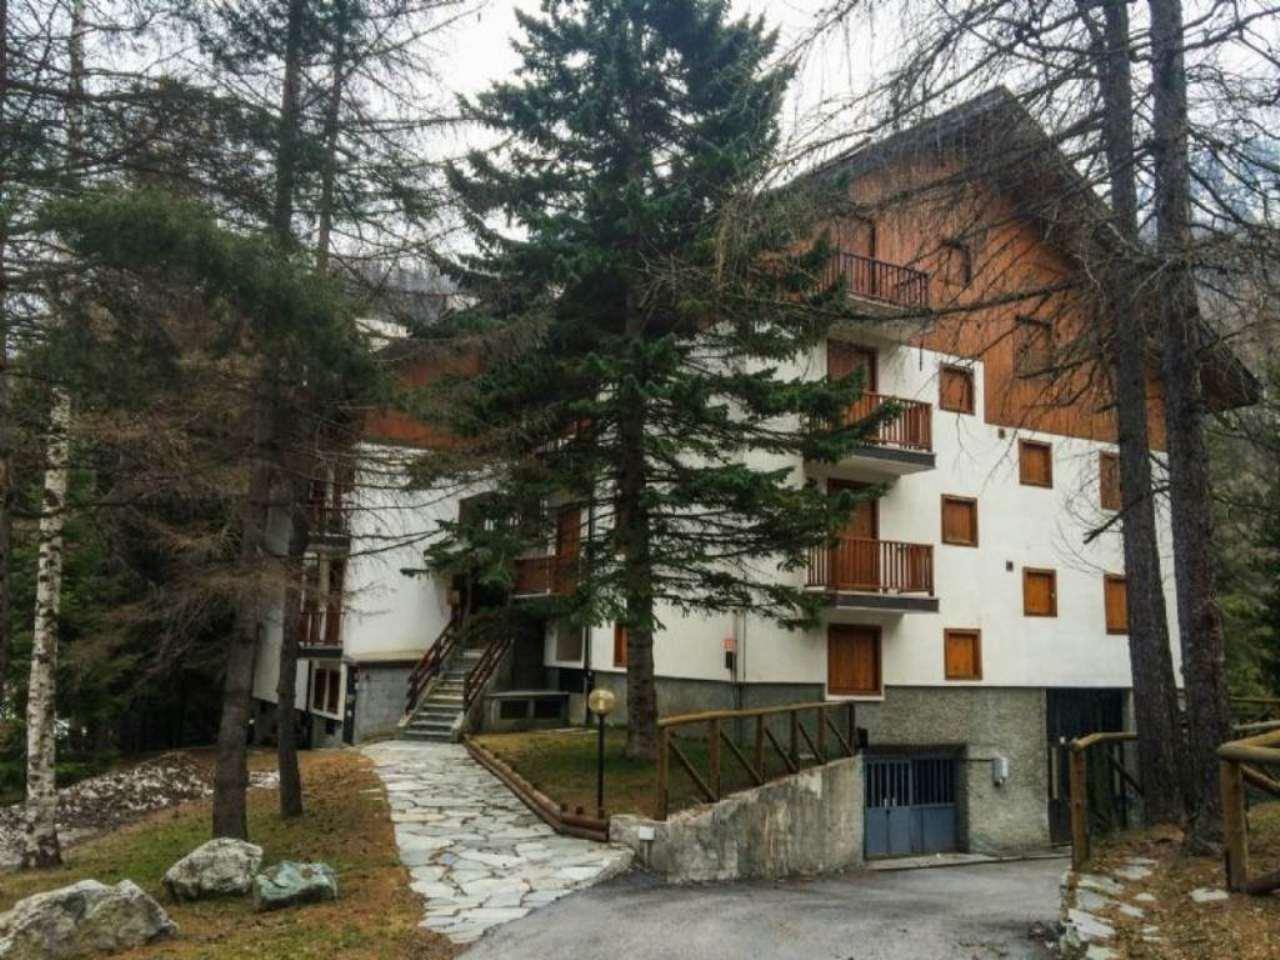 Appartamento in vendita a Claviere, 6 locali, prezzo € 340.000 | CambioCasa.it